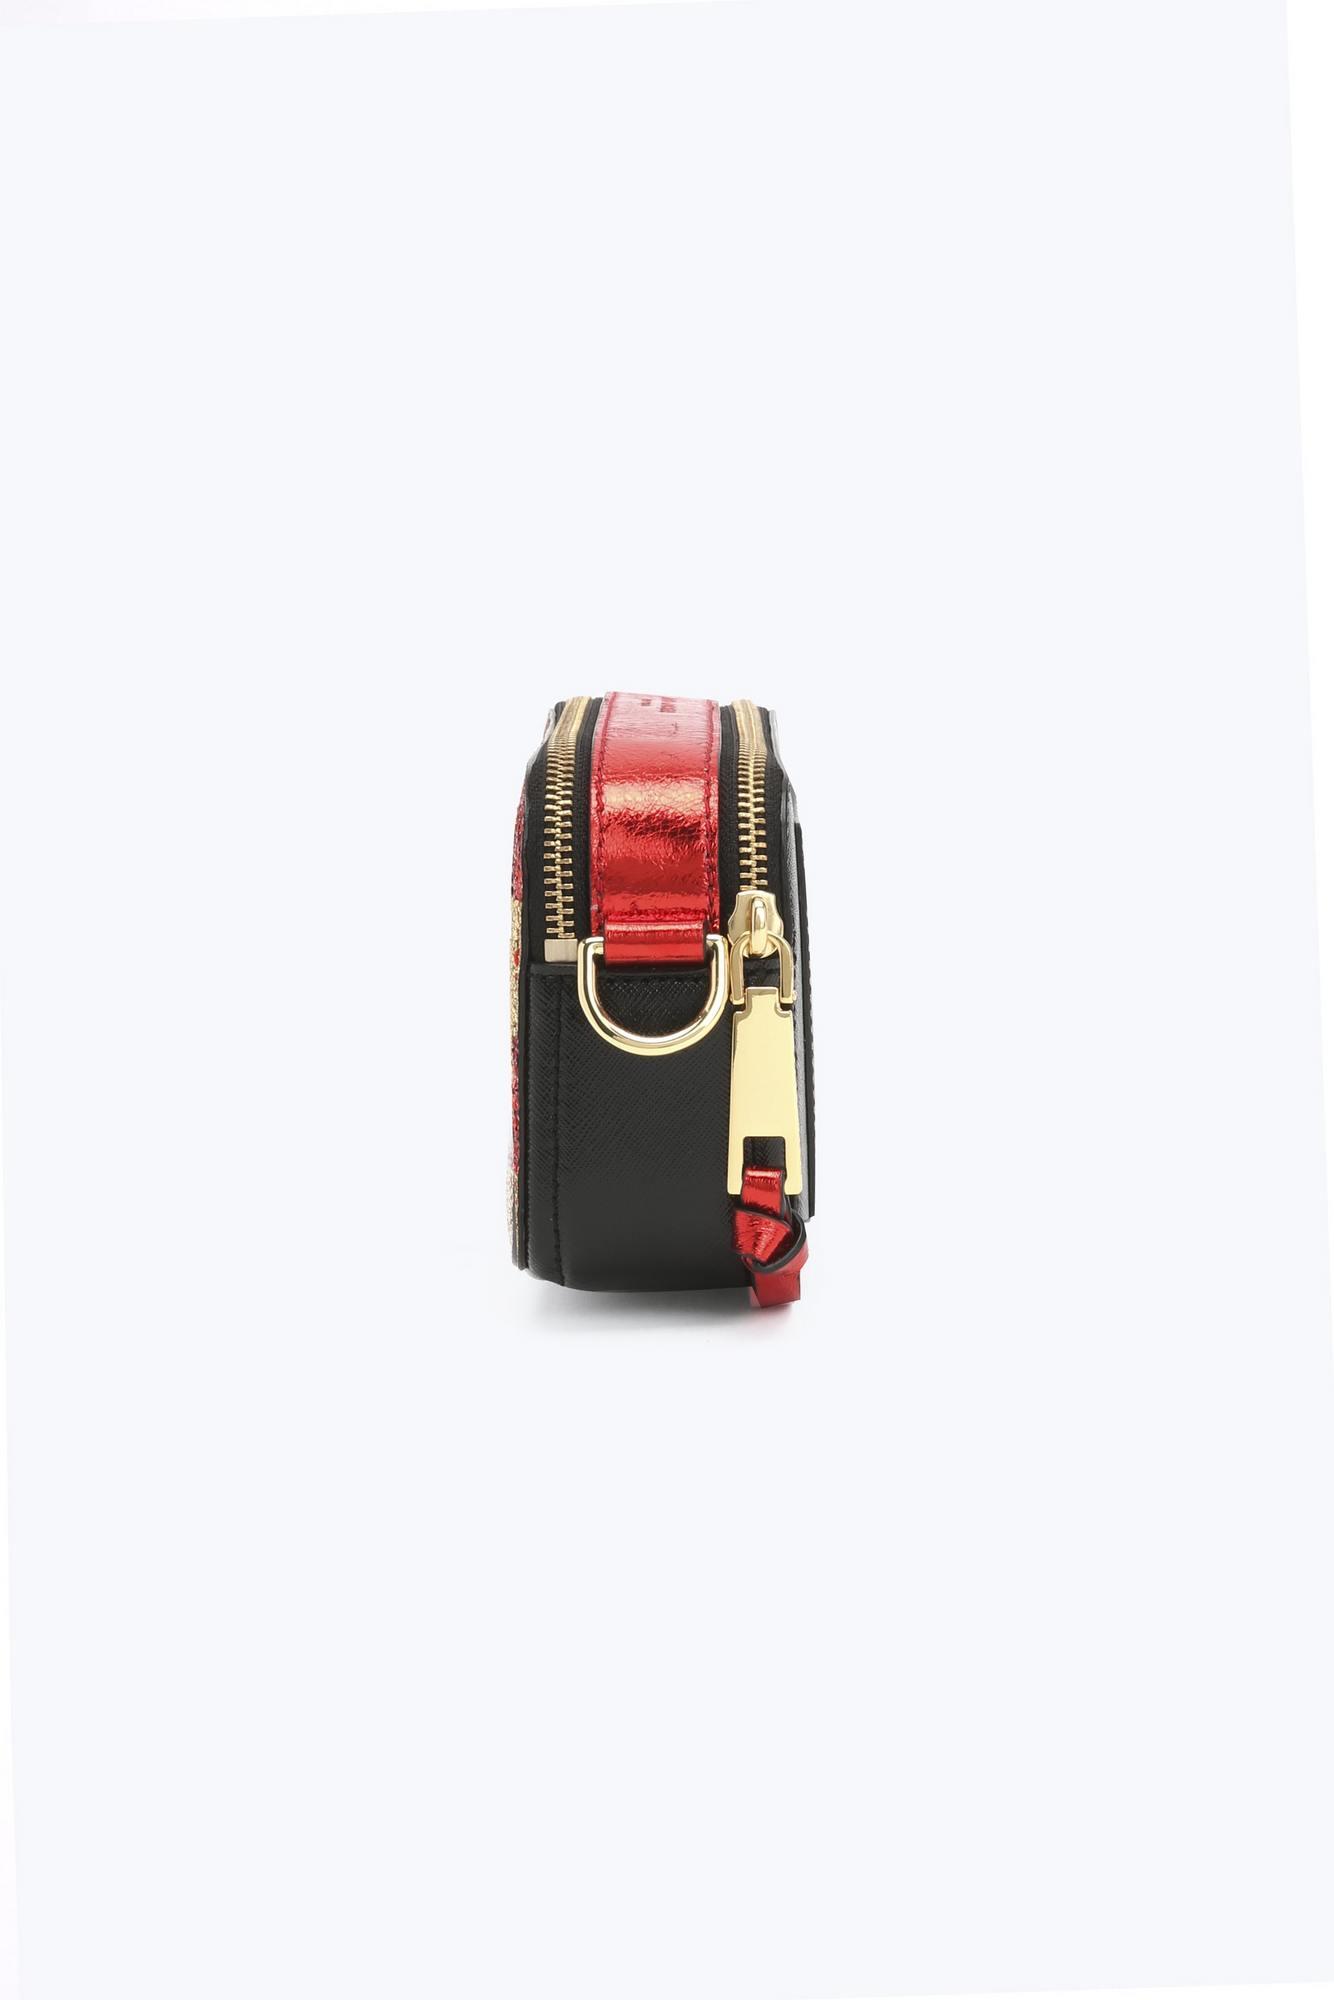 06261bec66d2 Checkerboard Snapshot Small Camera Bag